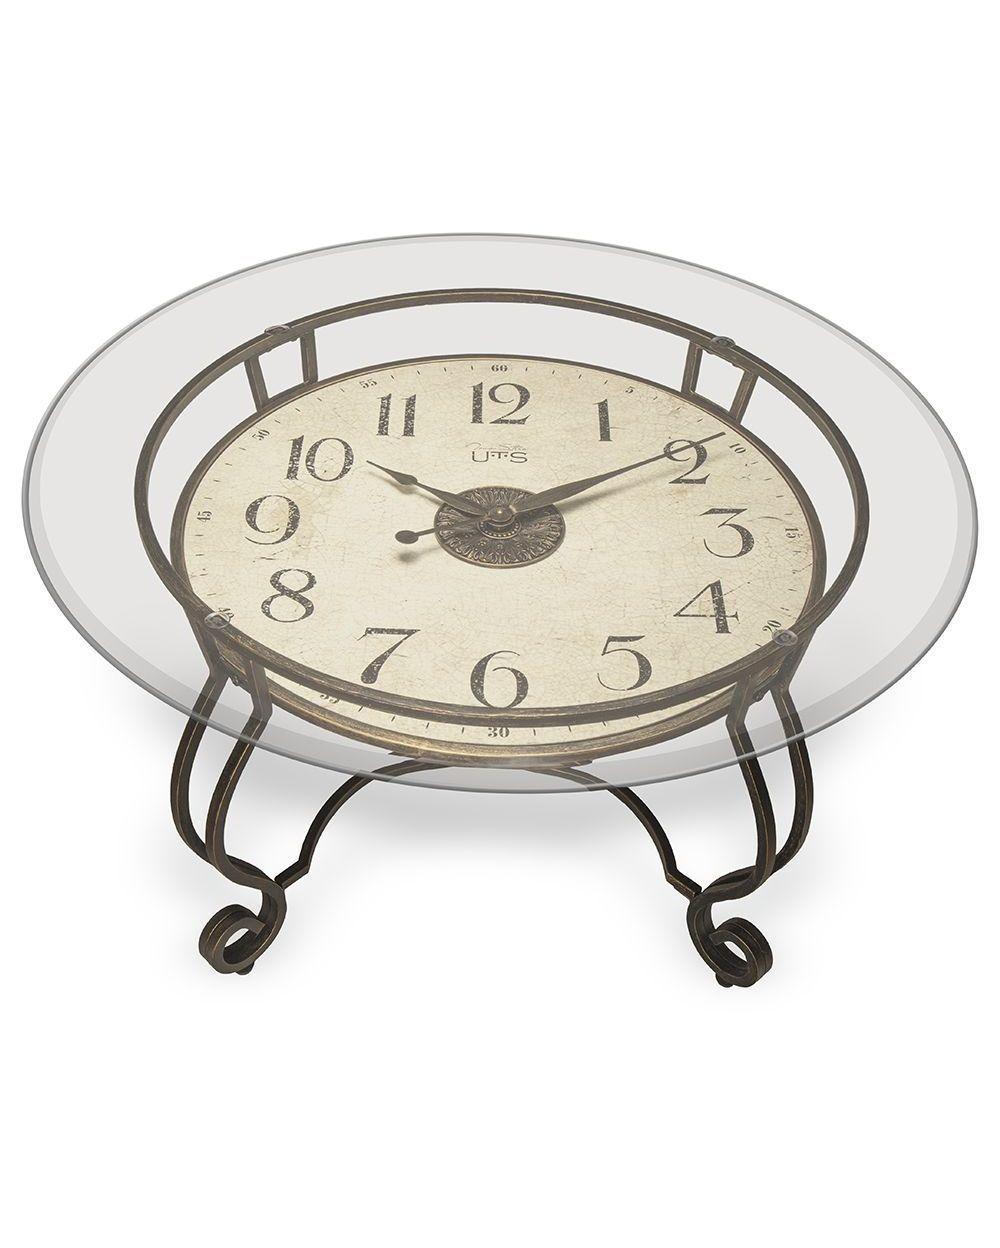 Часы настенные Часы напольные Tomas Stern 1001 chasy-napolnye-tomas-stern-1001-germaniya.jpg